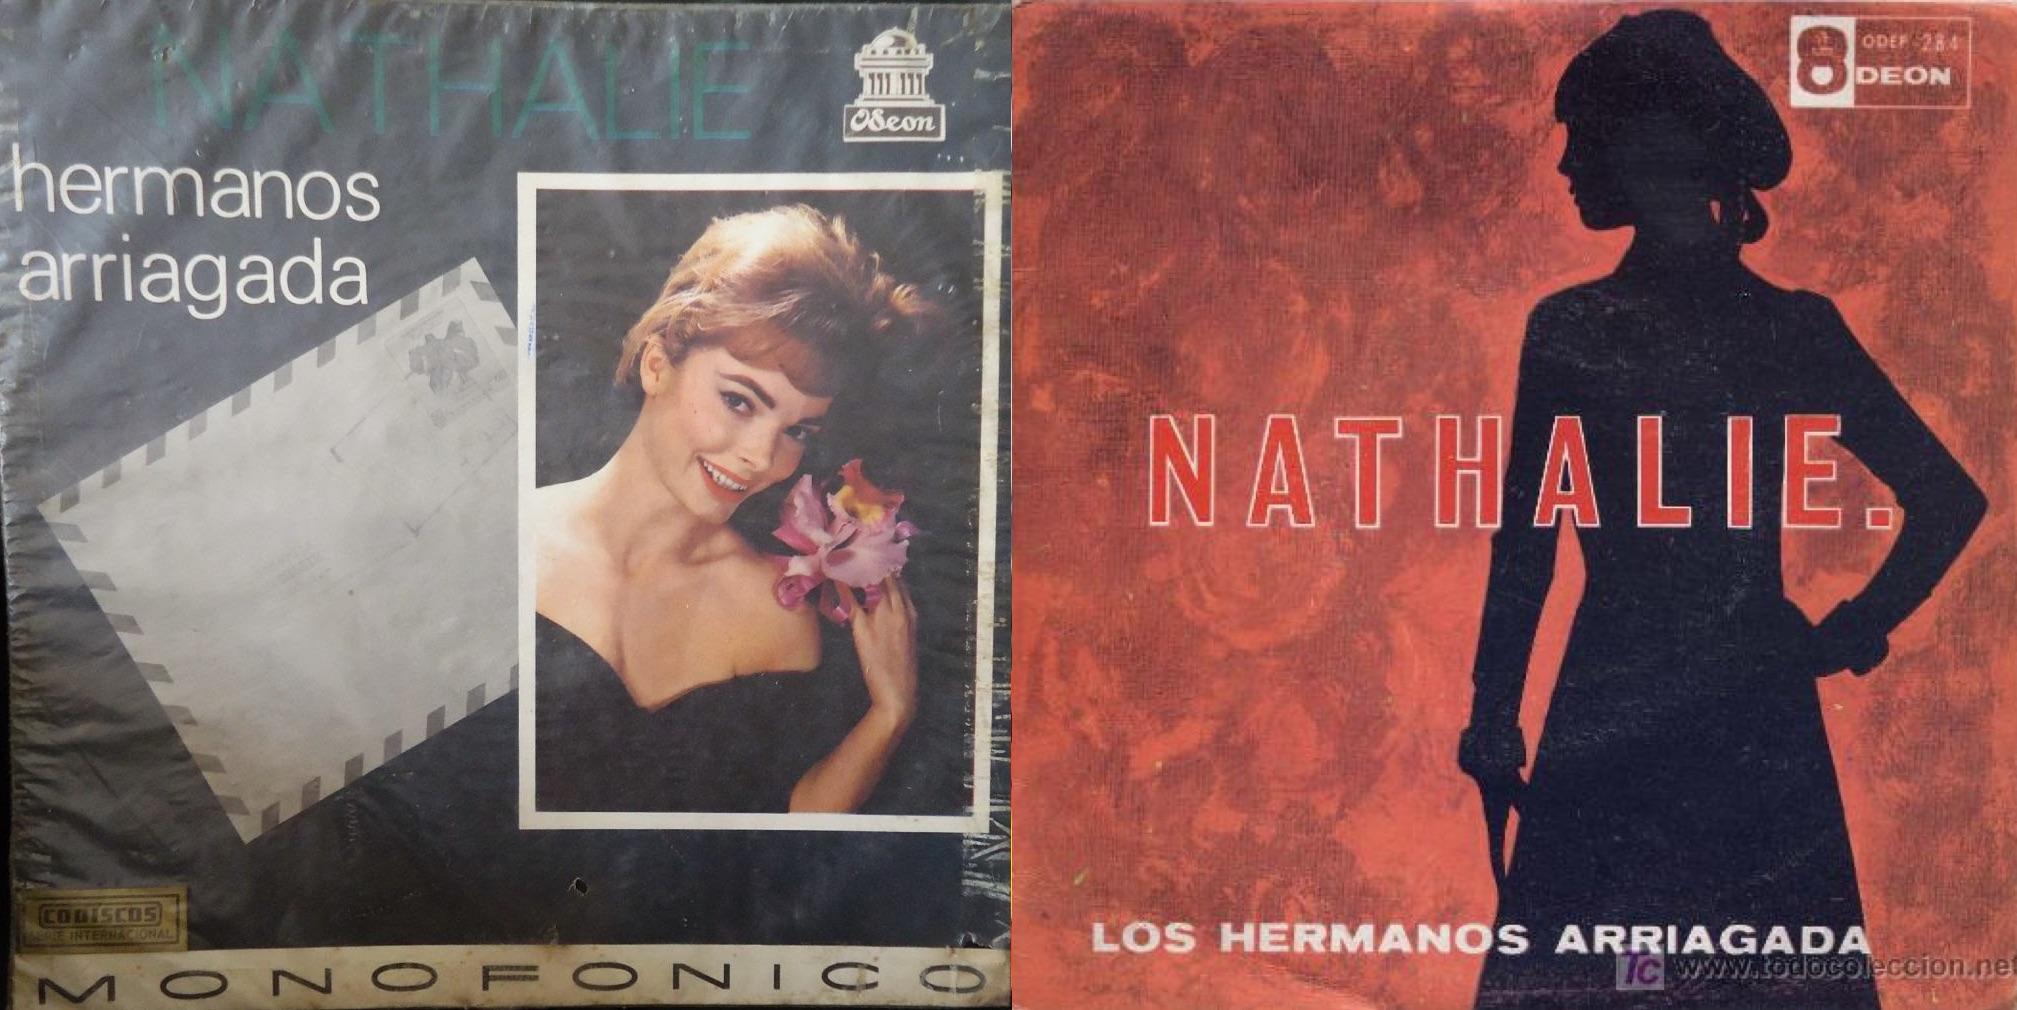 """Discos de """"Nathalie"""", lanzados en 1967 por el sello Odeon."""